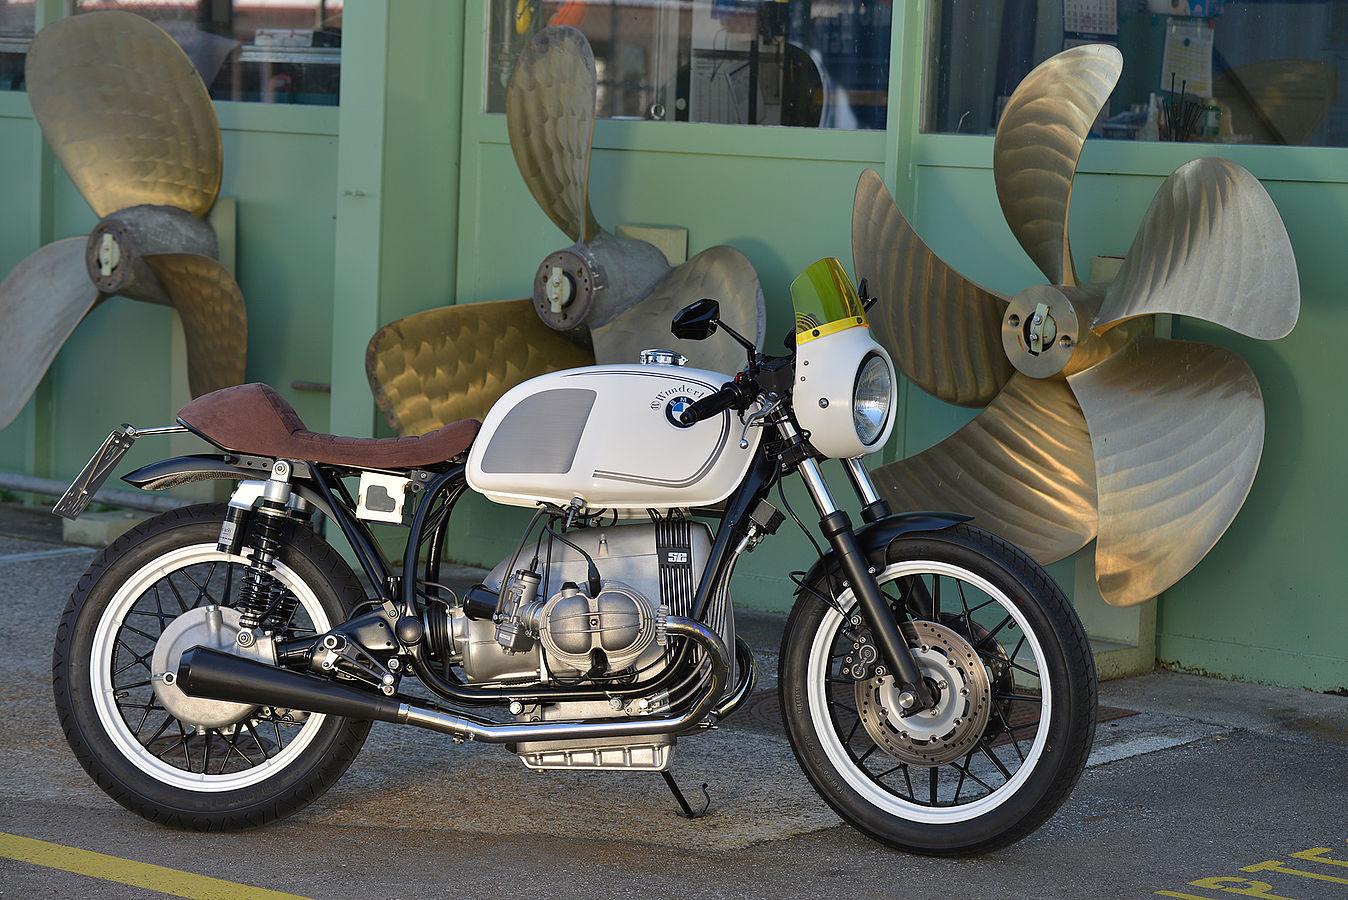 Wunderlich R 100 R Cafe Racer